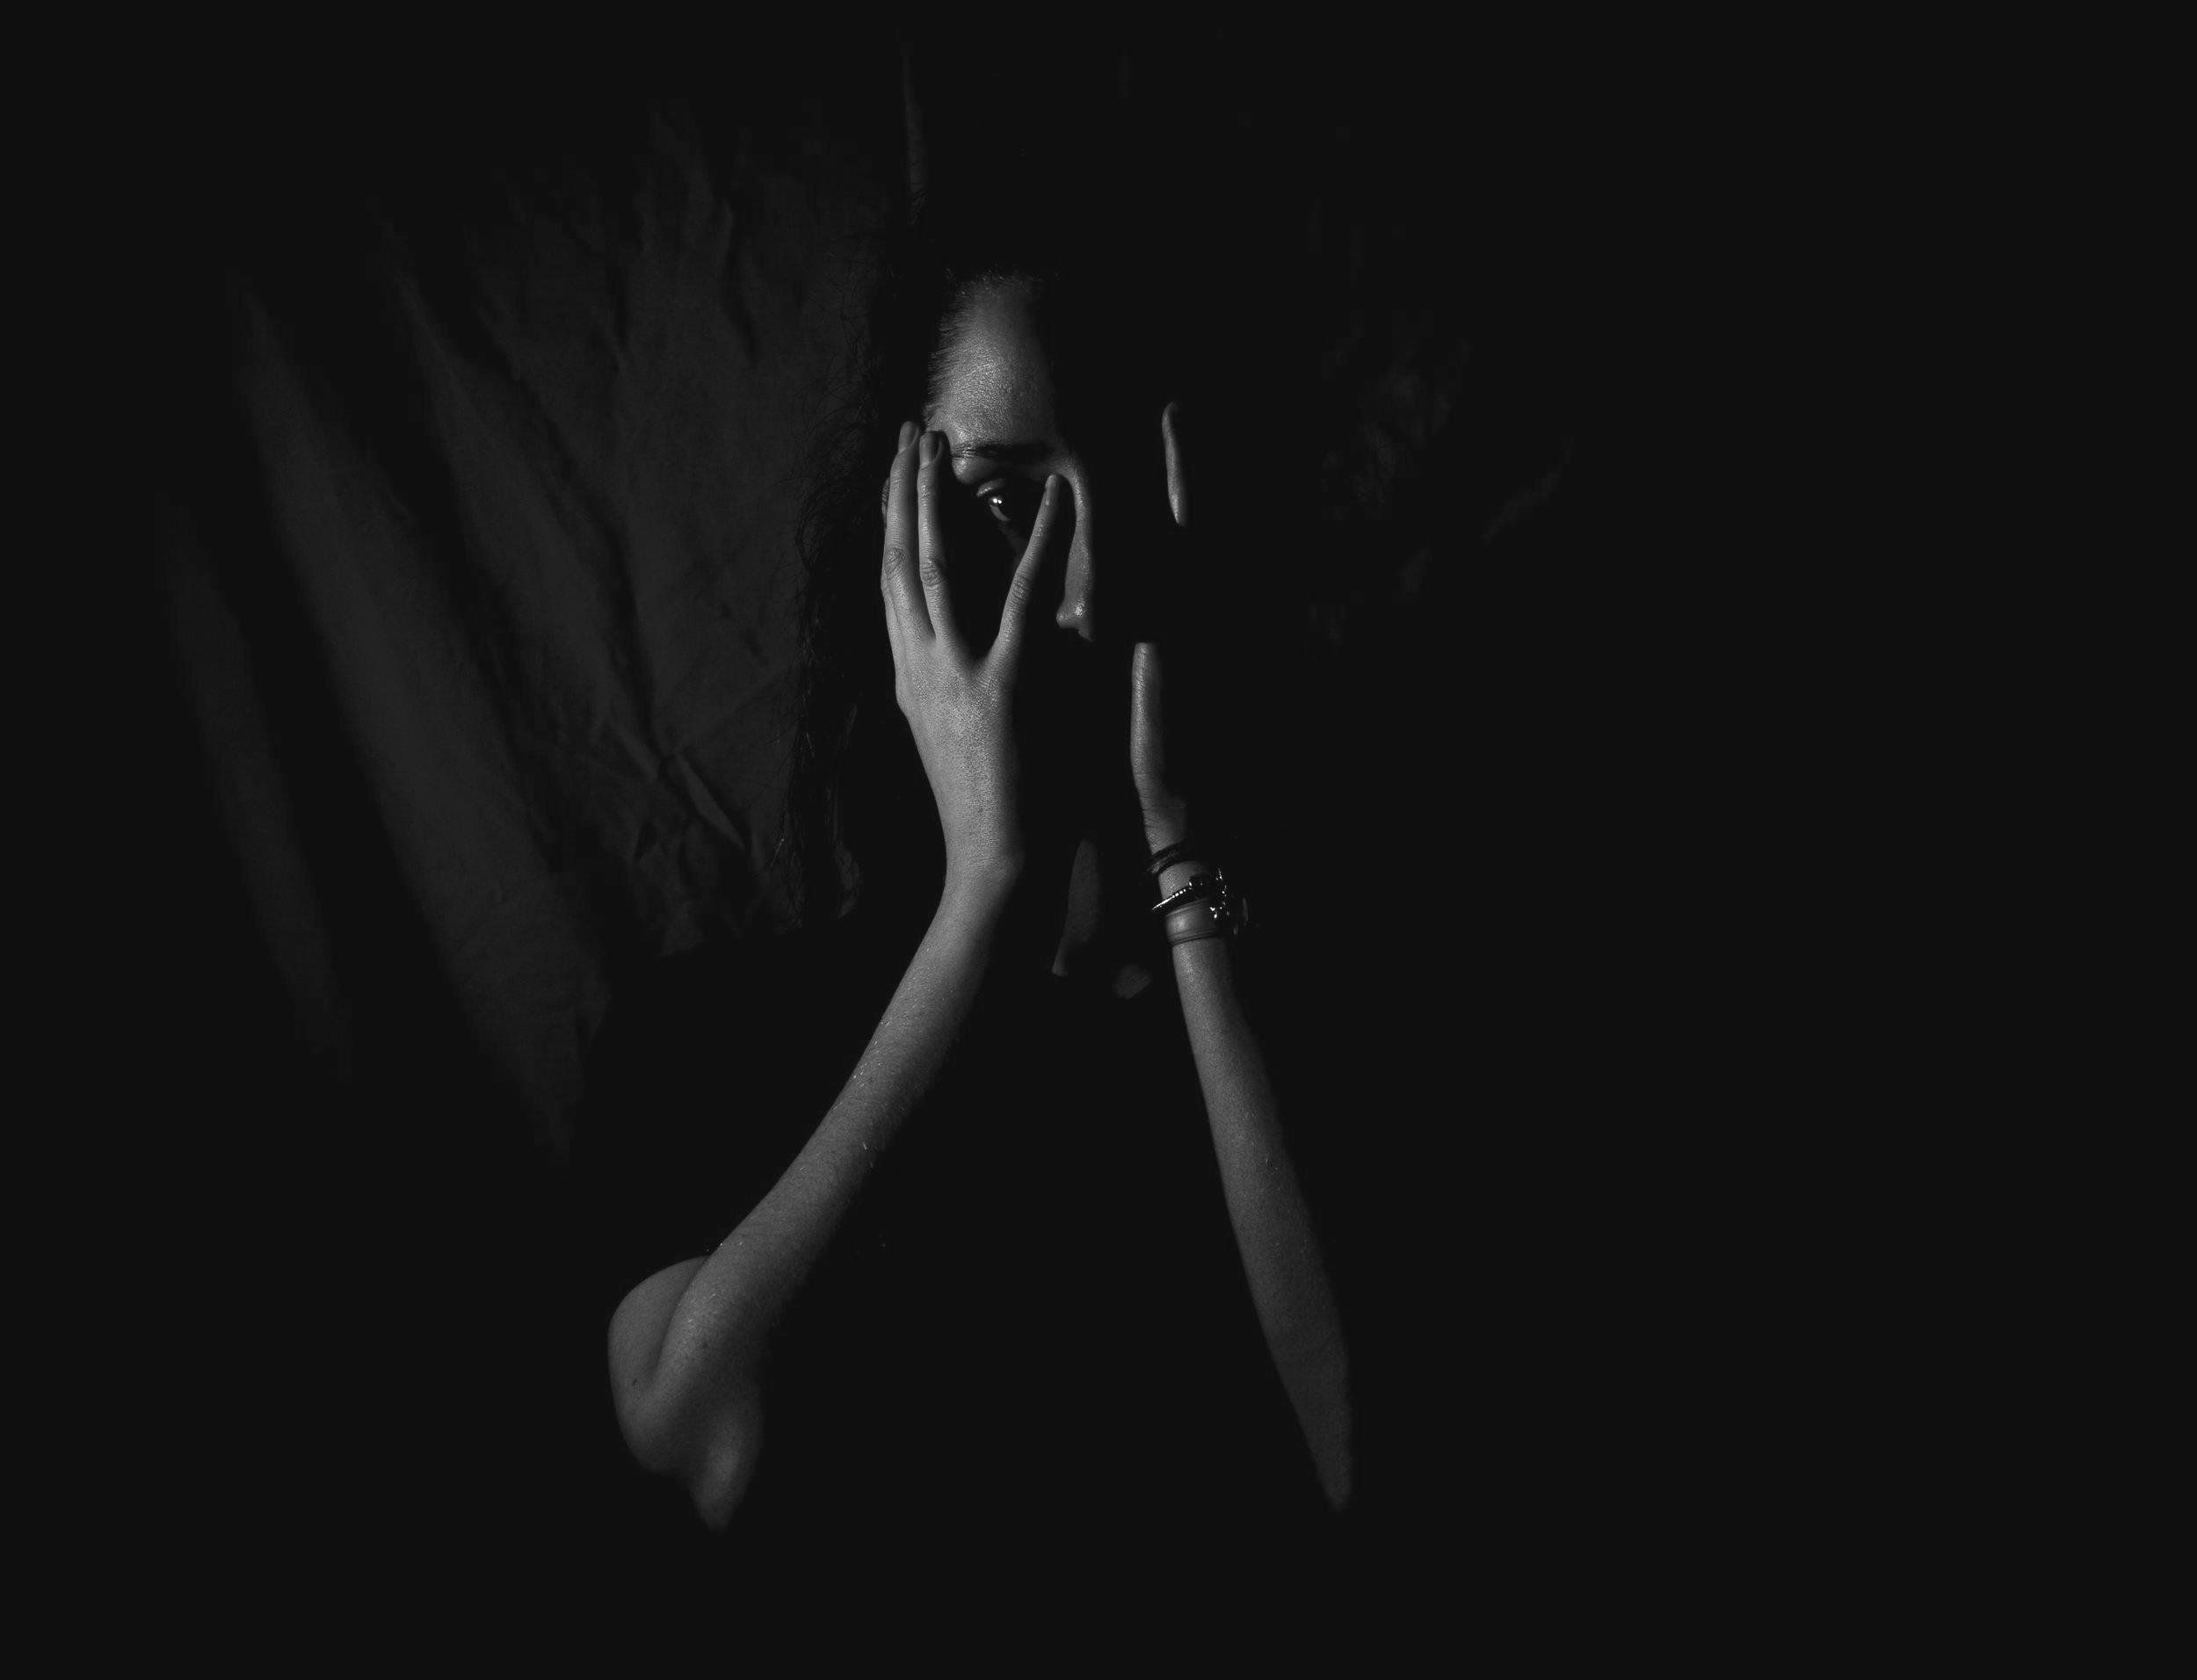 Alrededor de 200.000 mujeres denuncian anualmente este tipo de violencias en España. Hay constancia de que hay miles de agresiones sexuales que no se denuncian.  - Fuente: Datos del Observatorio contra la Violencia de Género. CGPJ.